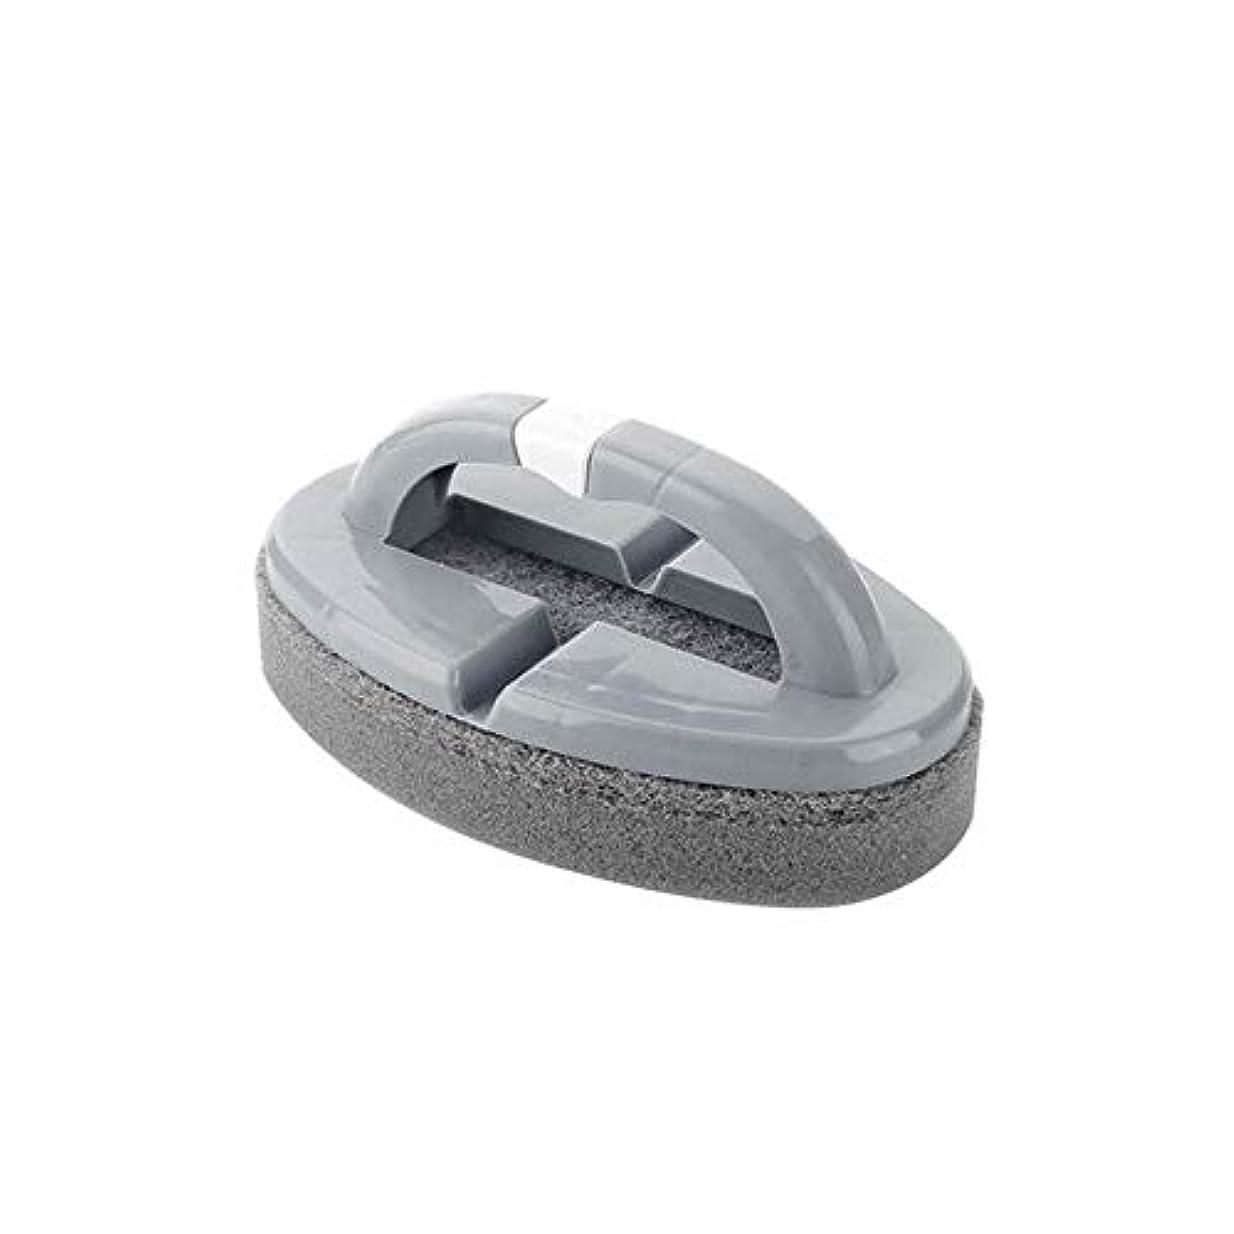 ポアクリーニング 折りたたみスポンジハンドル付きハンドルバスルームタイルクリーニングブラシ2 PCS マッサージブラシ (色 : C)